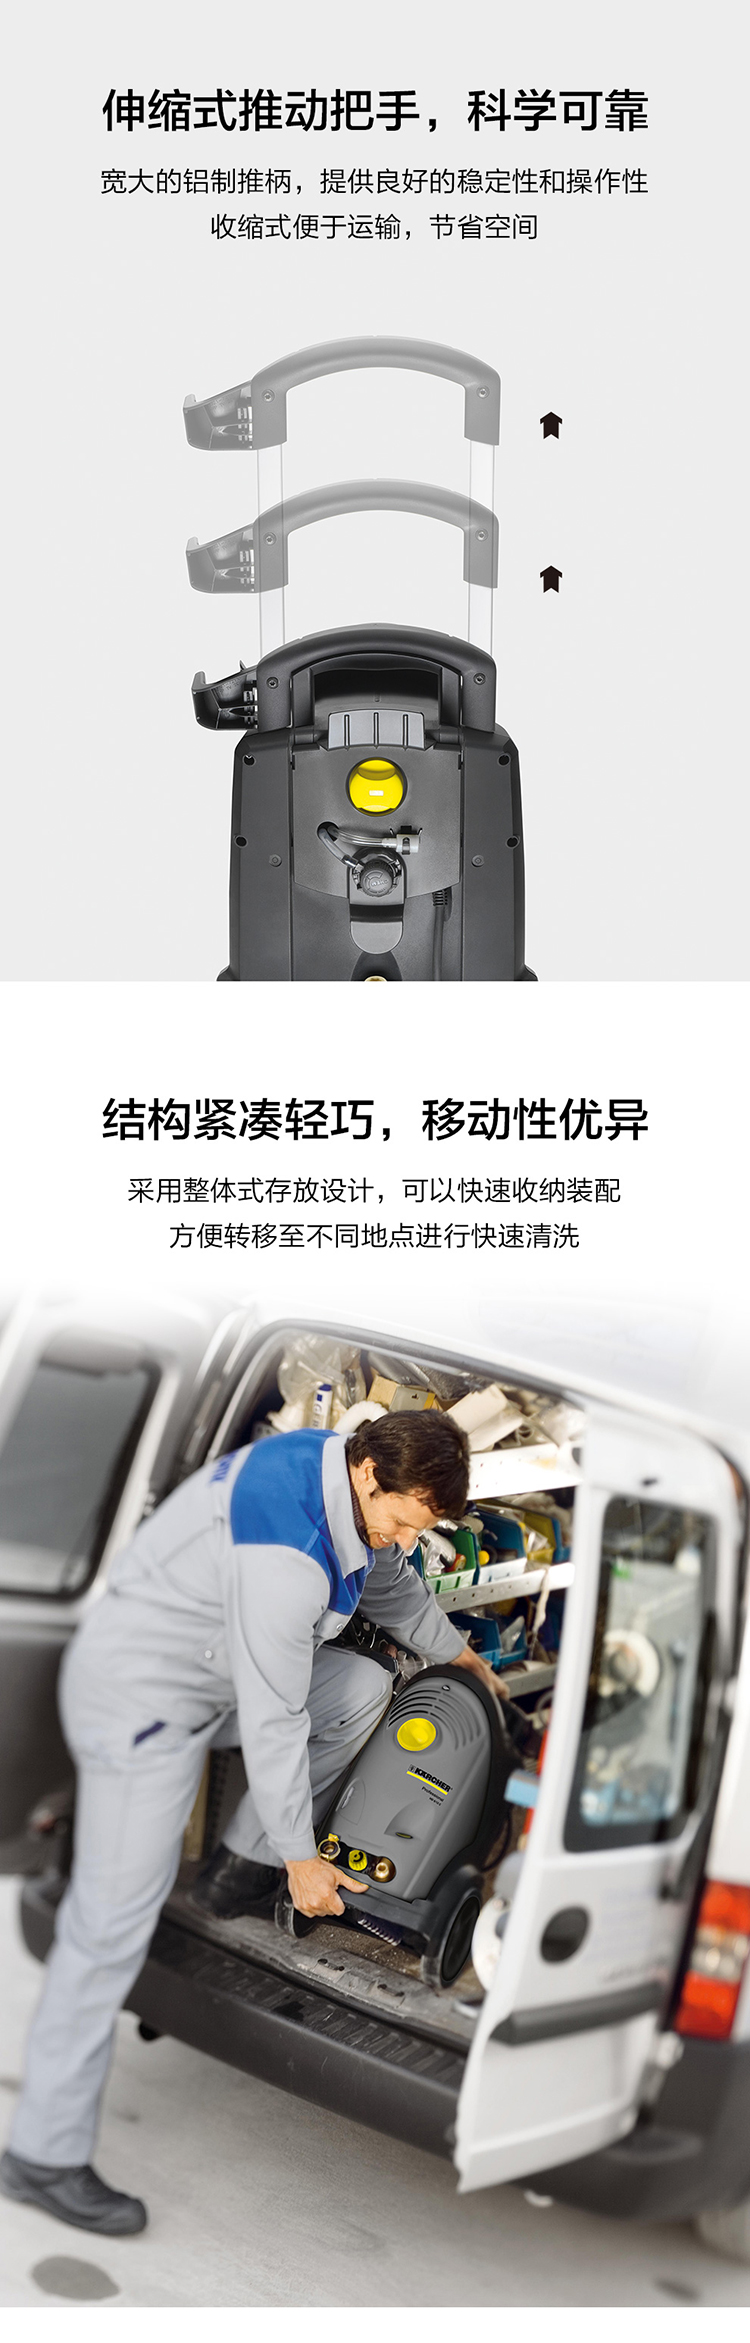 德国卡赫Karcher HD6/15C冷水高压清洗机